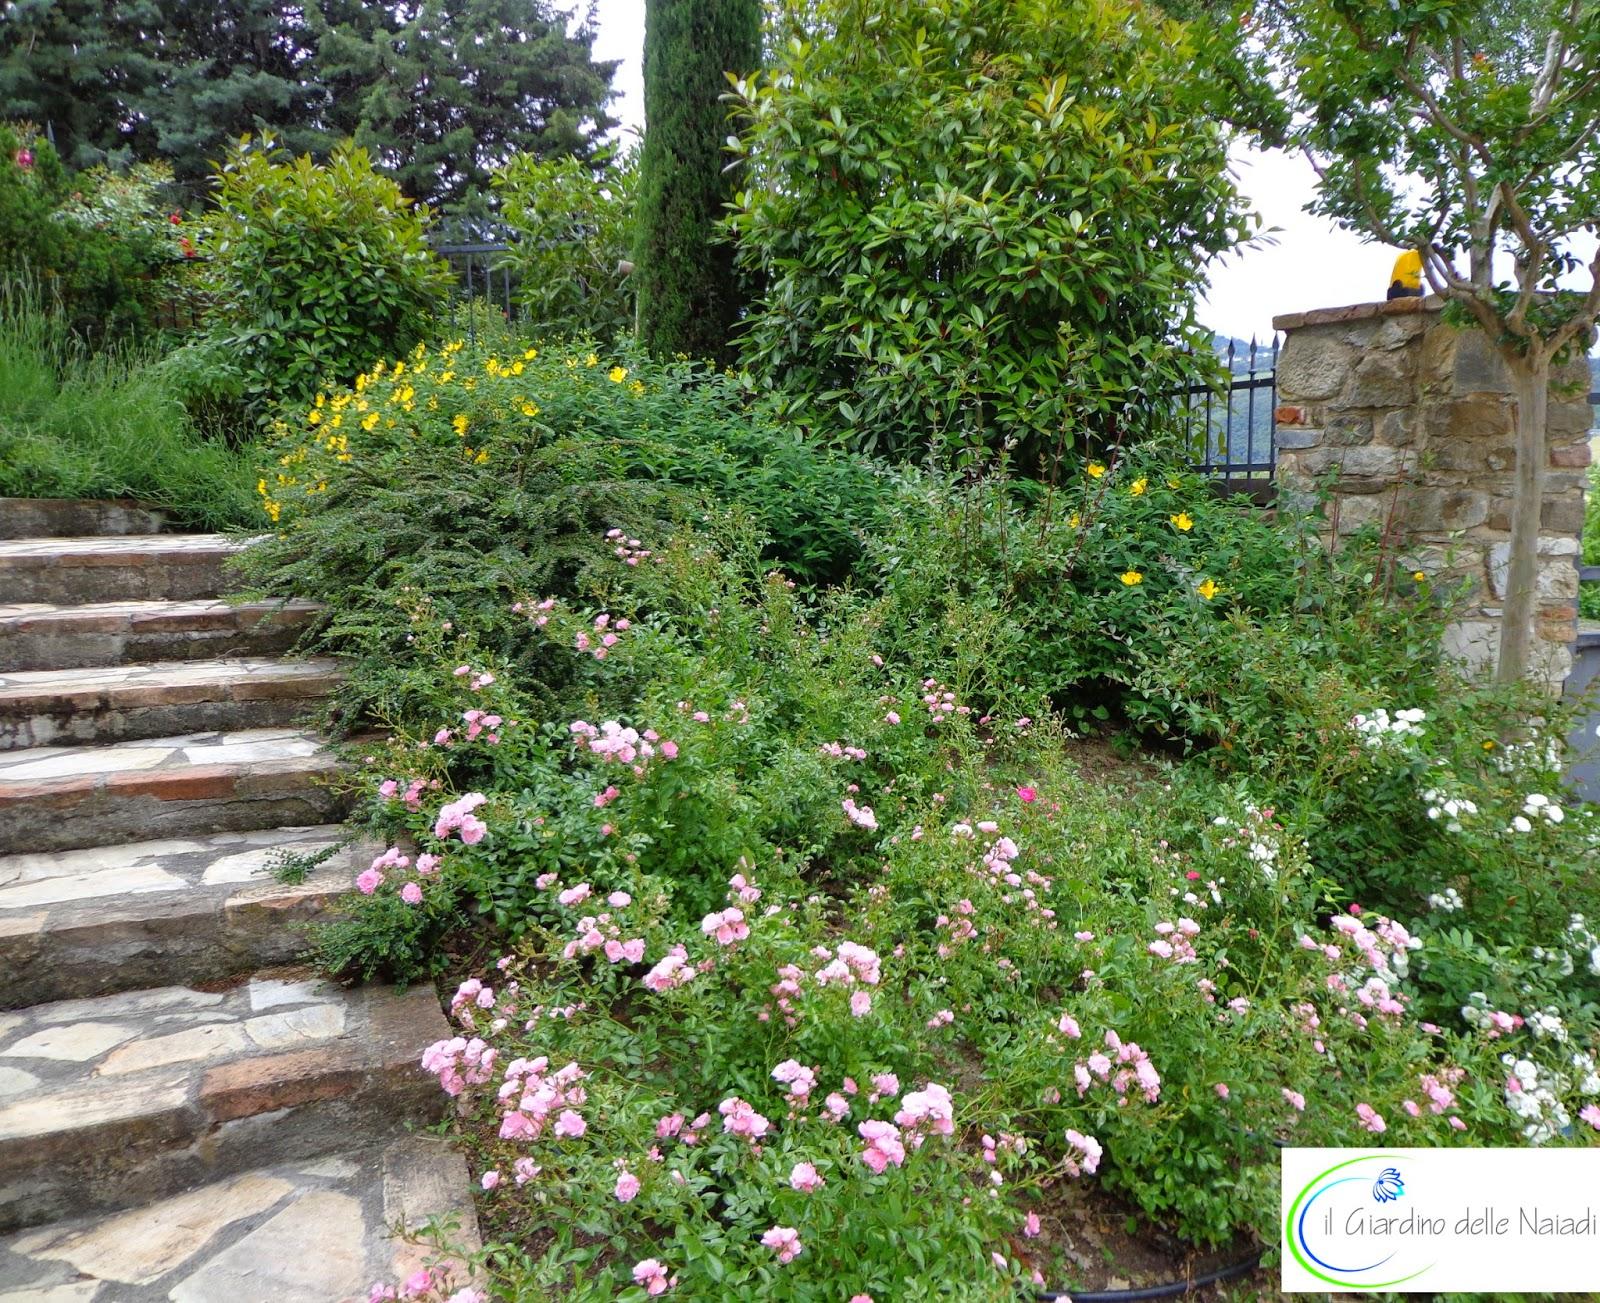 Il giardino delle naiadi un giardino in stile provenzale for Progettare un giardino